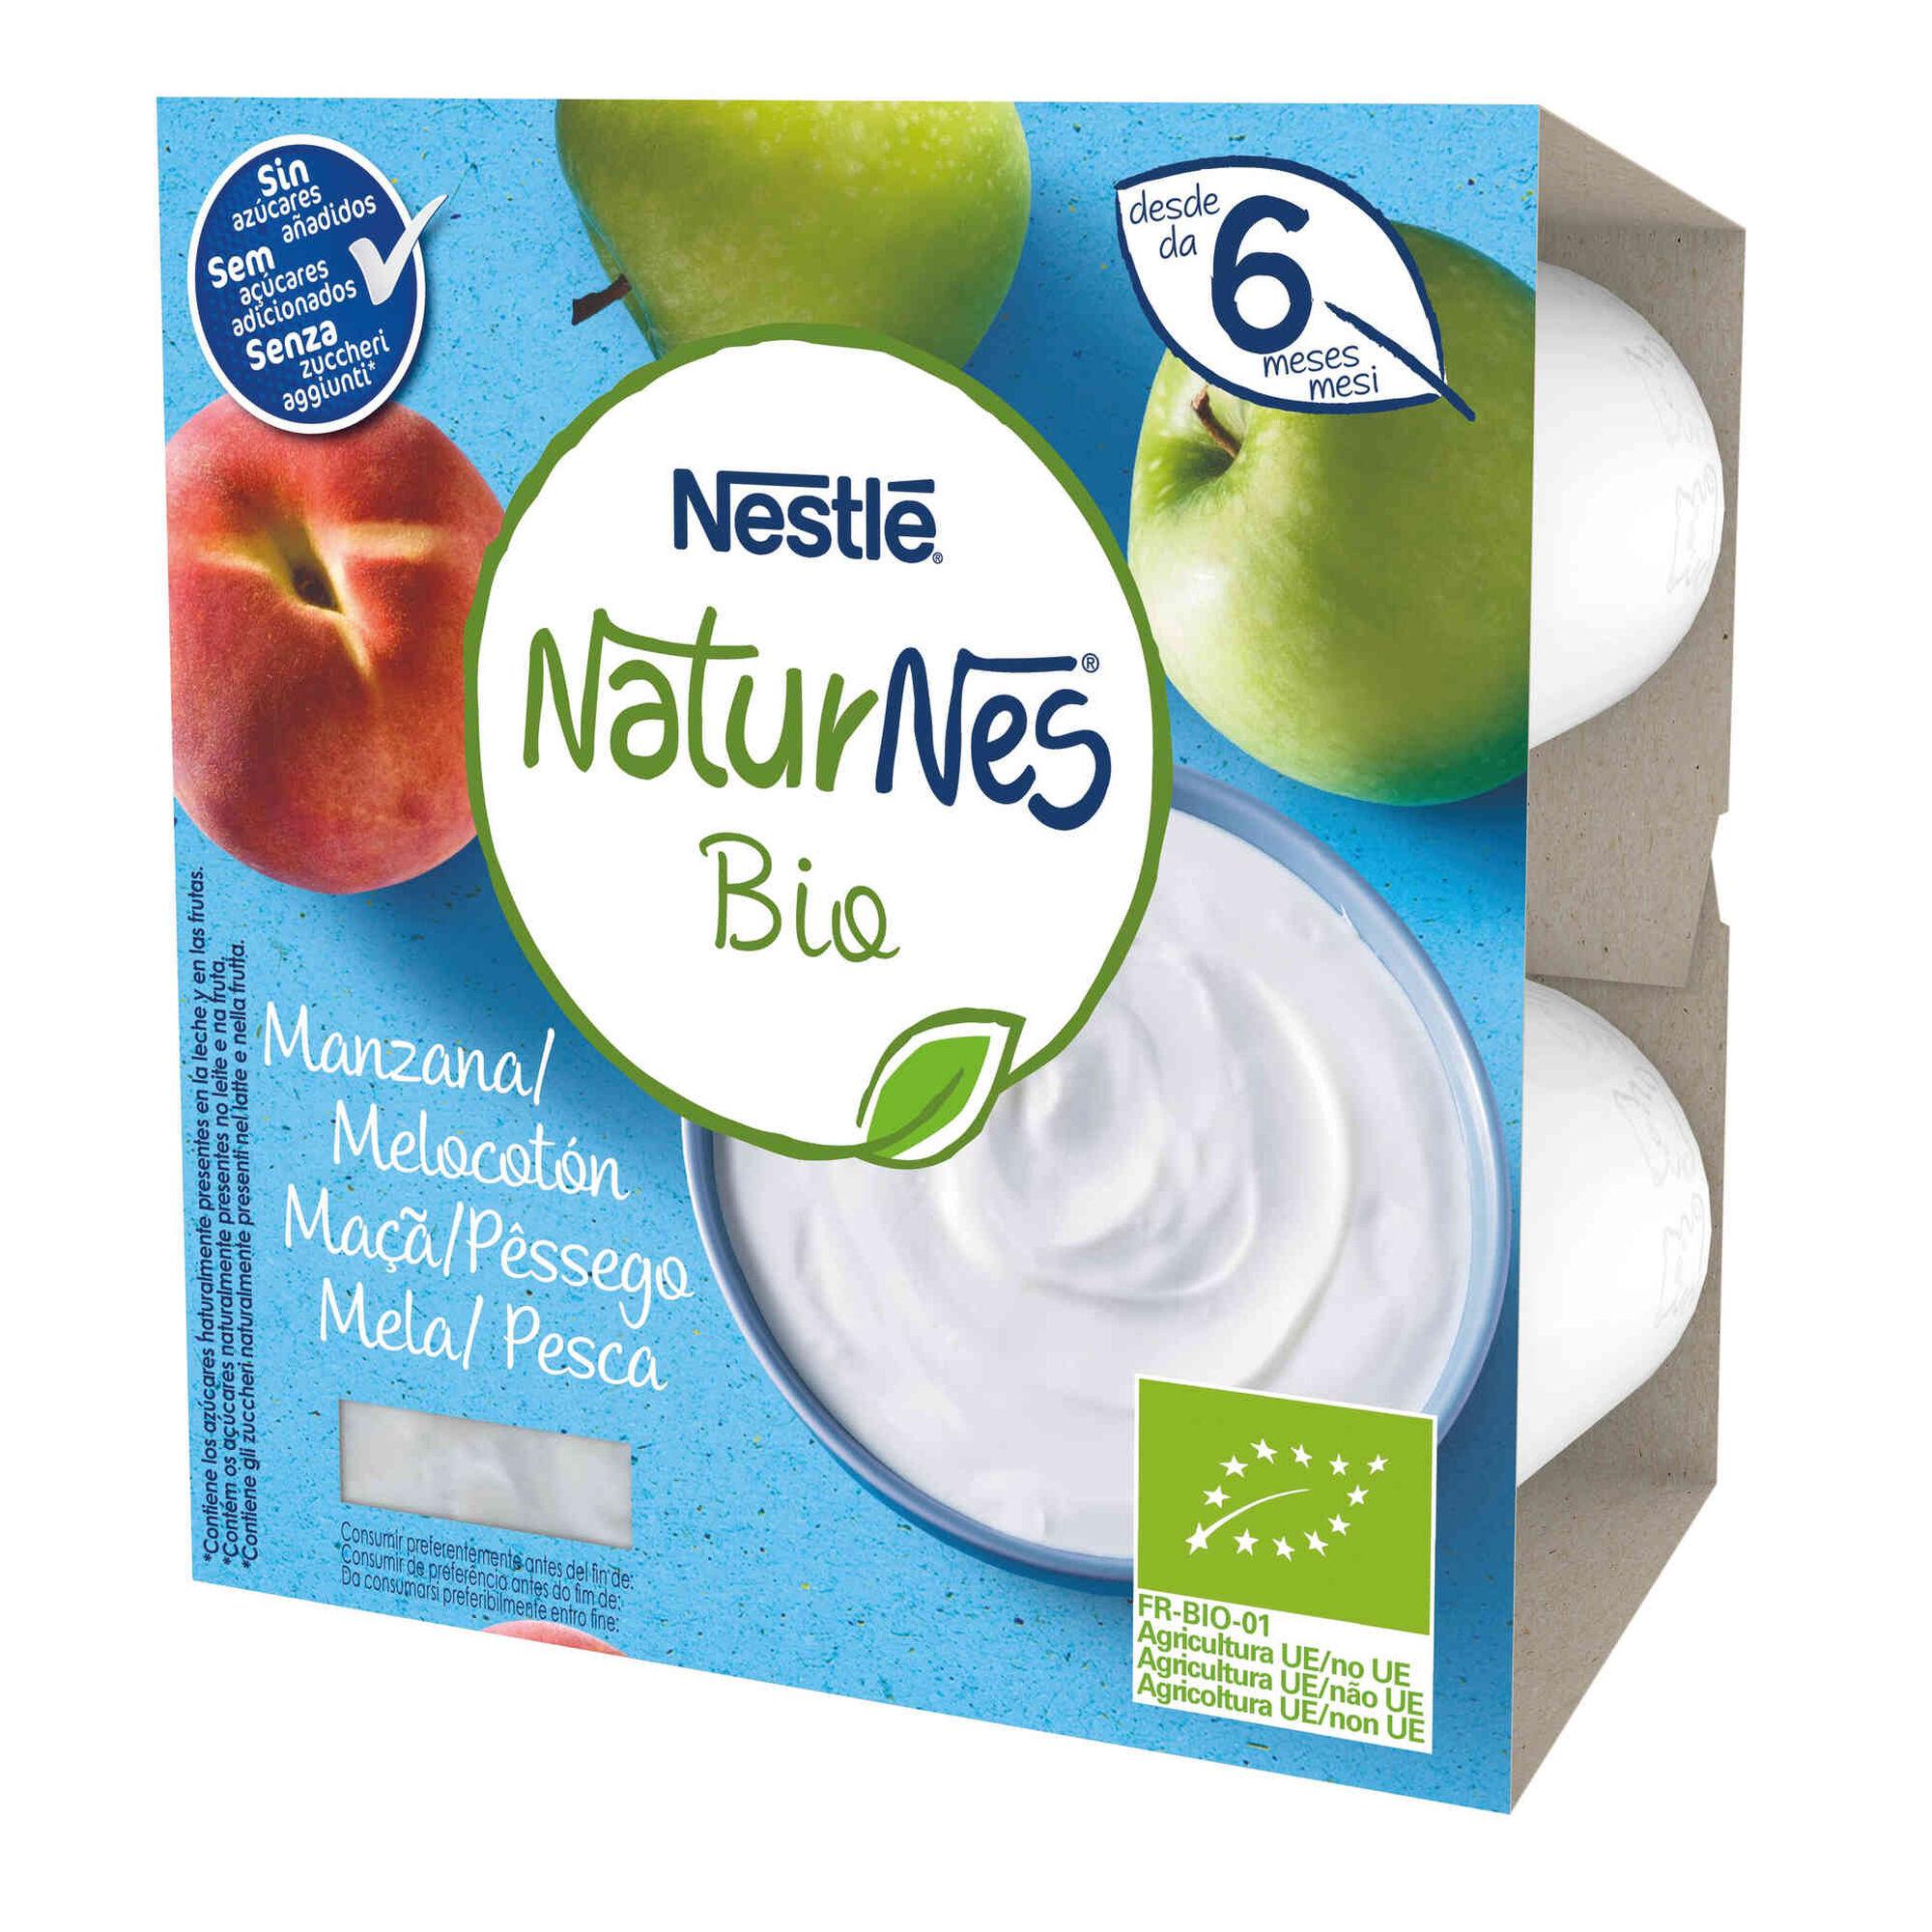 Alimento Lácteo de Maçã e Pêssego Naturnes Bio +6 Meses